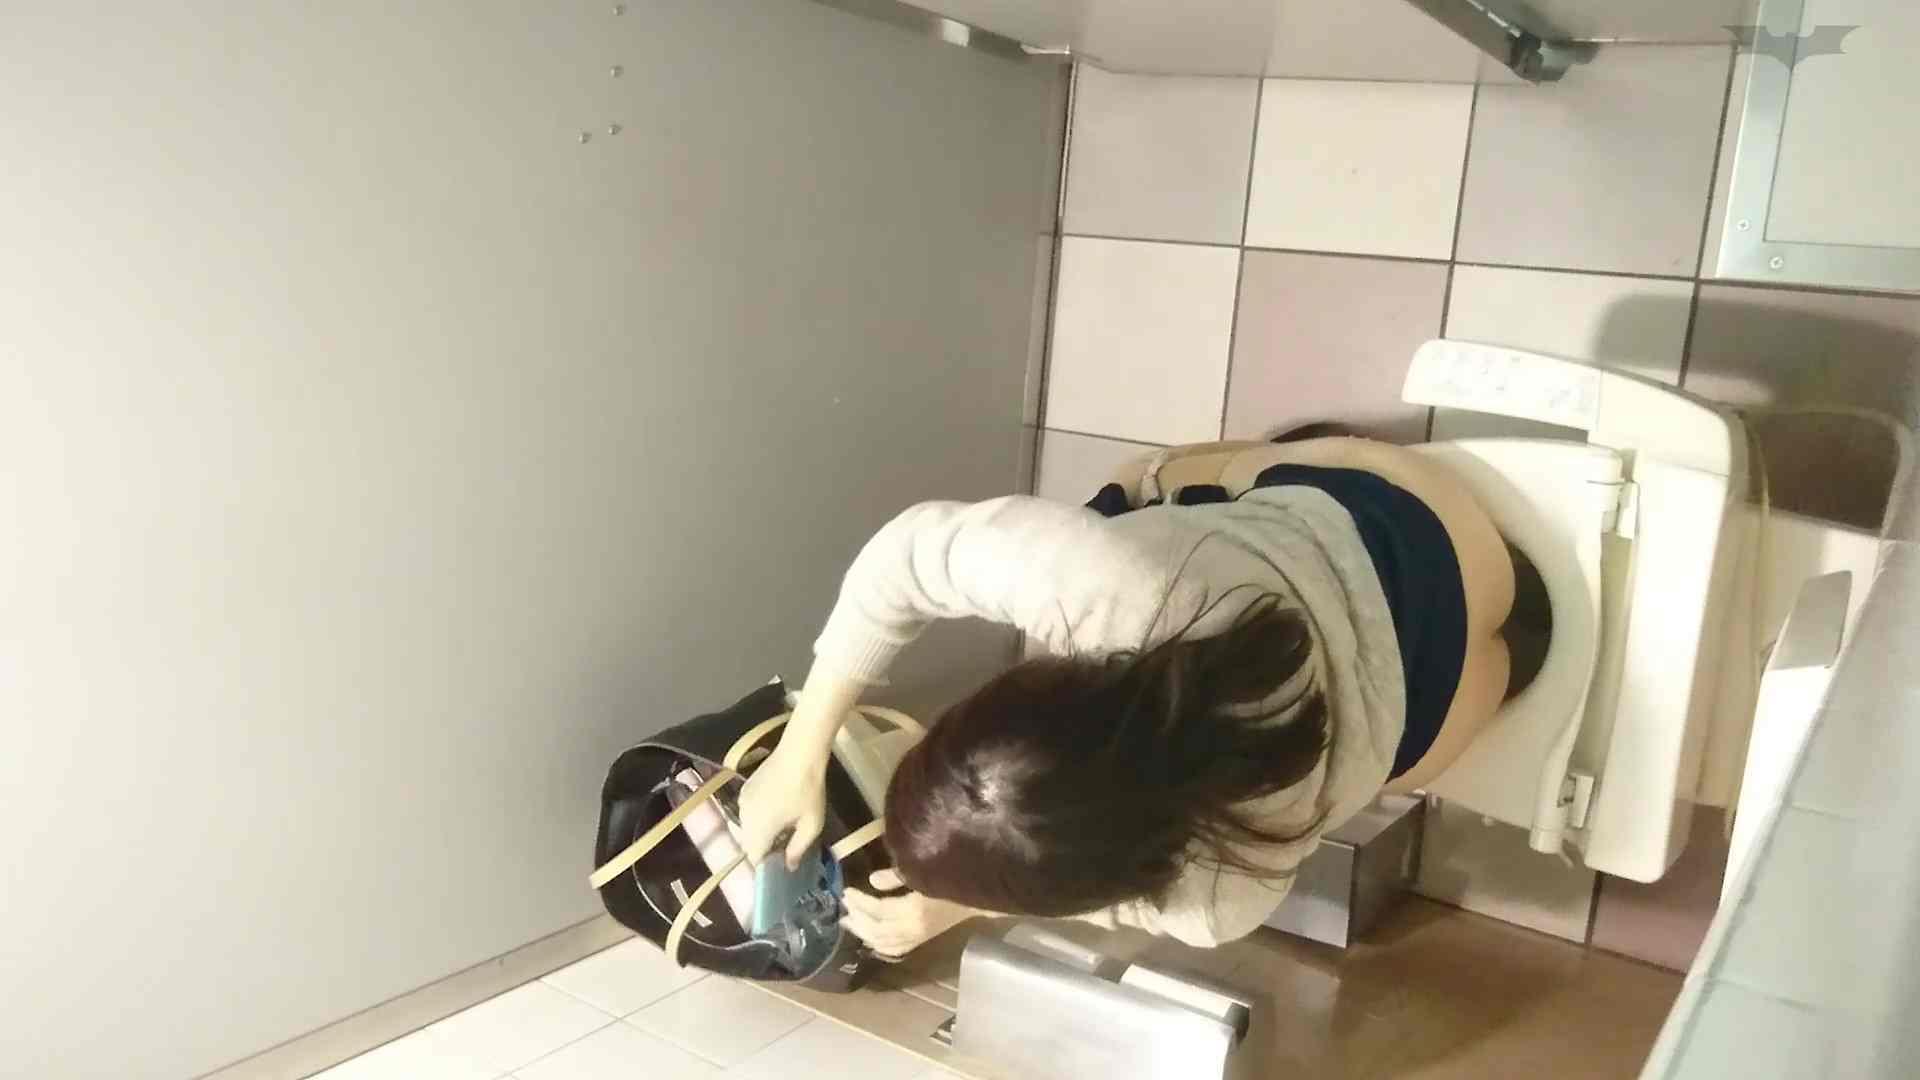 化粧室絵巻 ショッピングモール編 VOL.20 OL女体  61連発 10